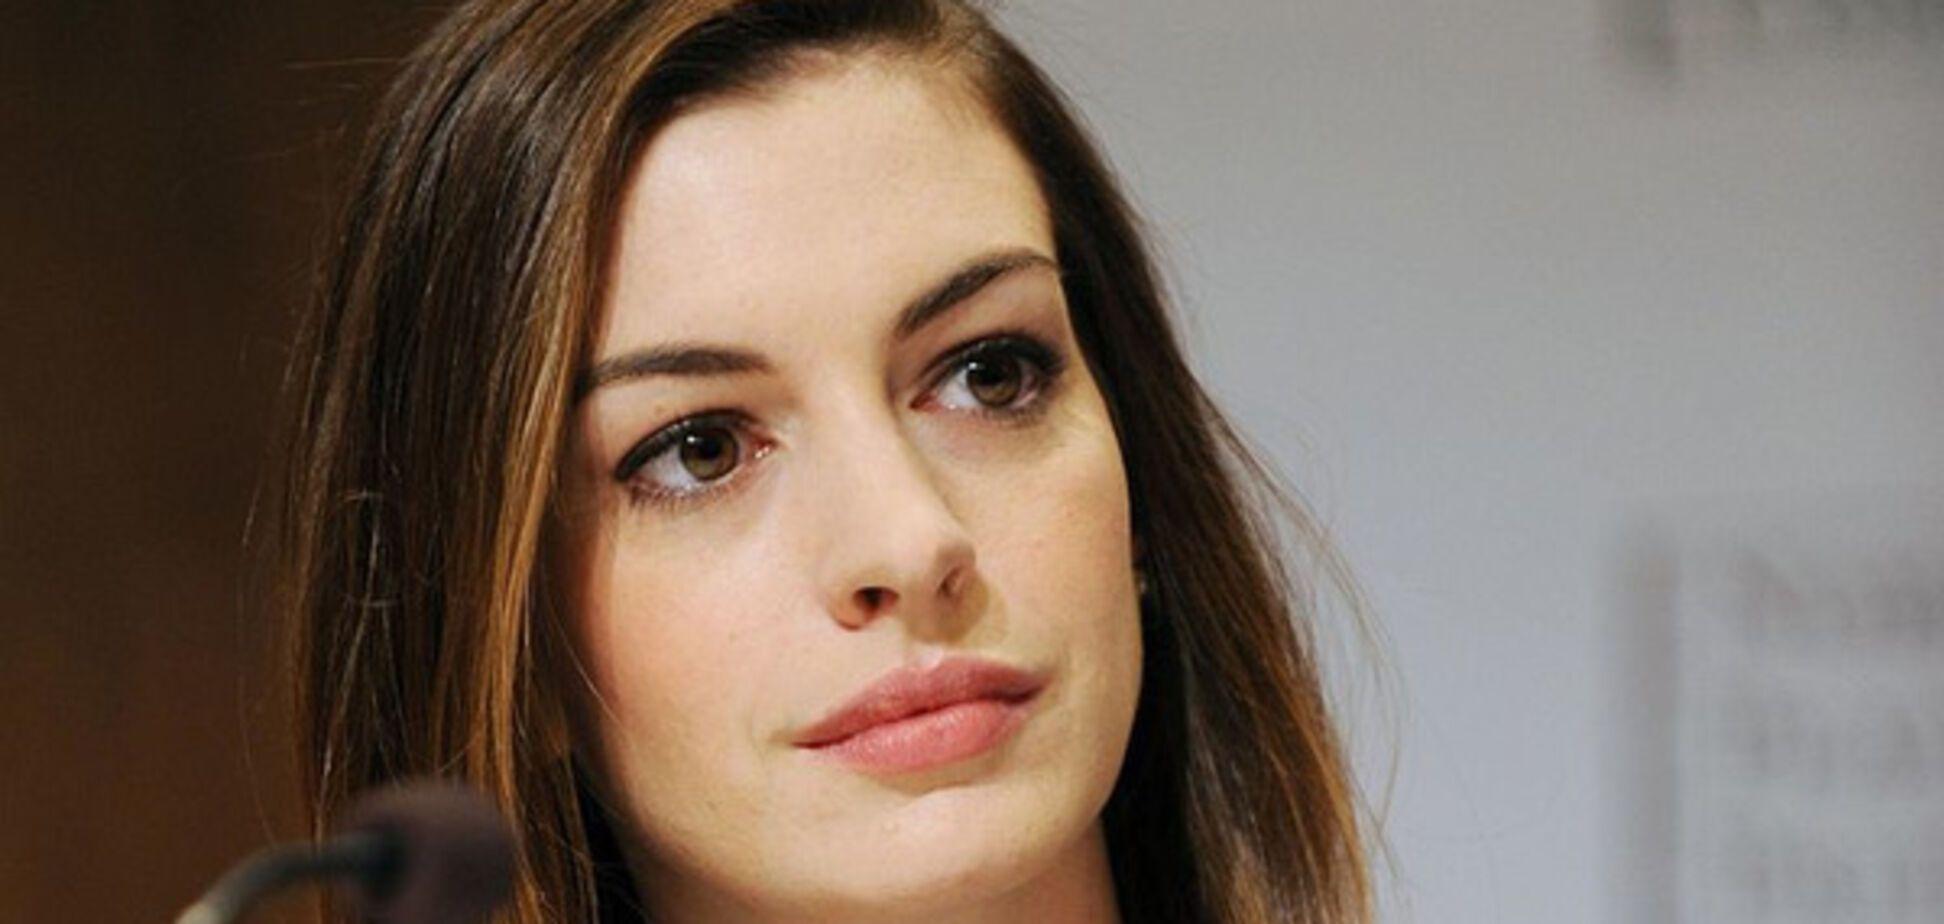 Известная американская актриса пожалела, что опубликовала в сети фото своего сына